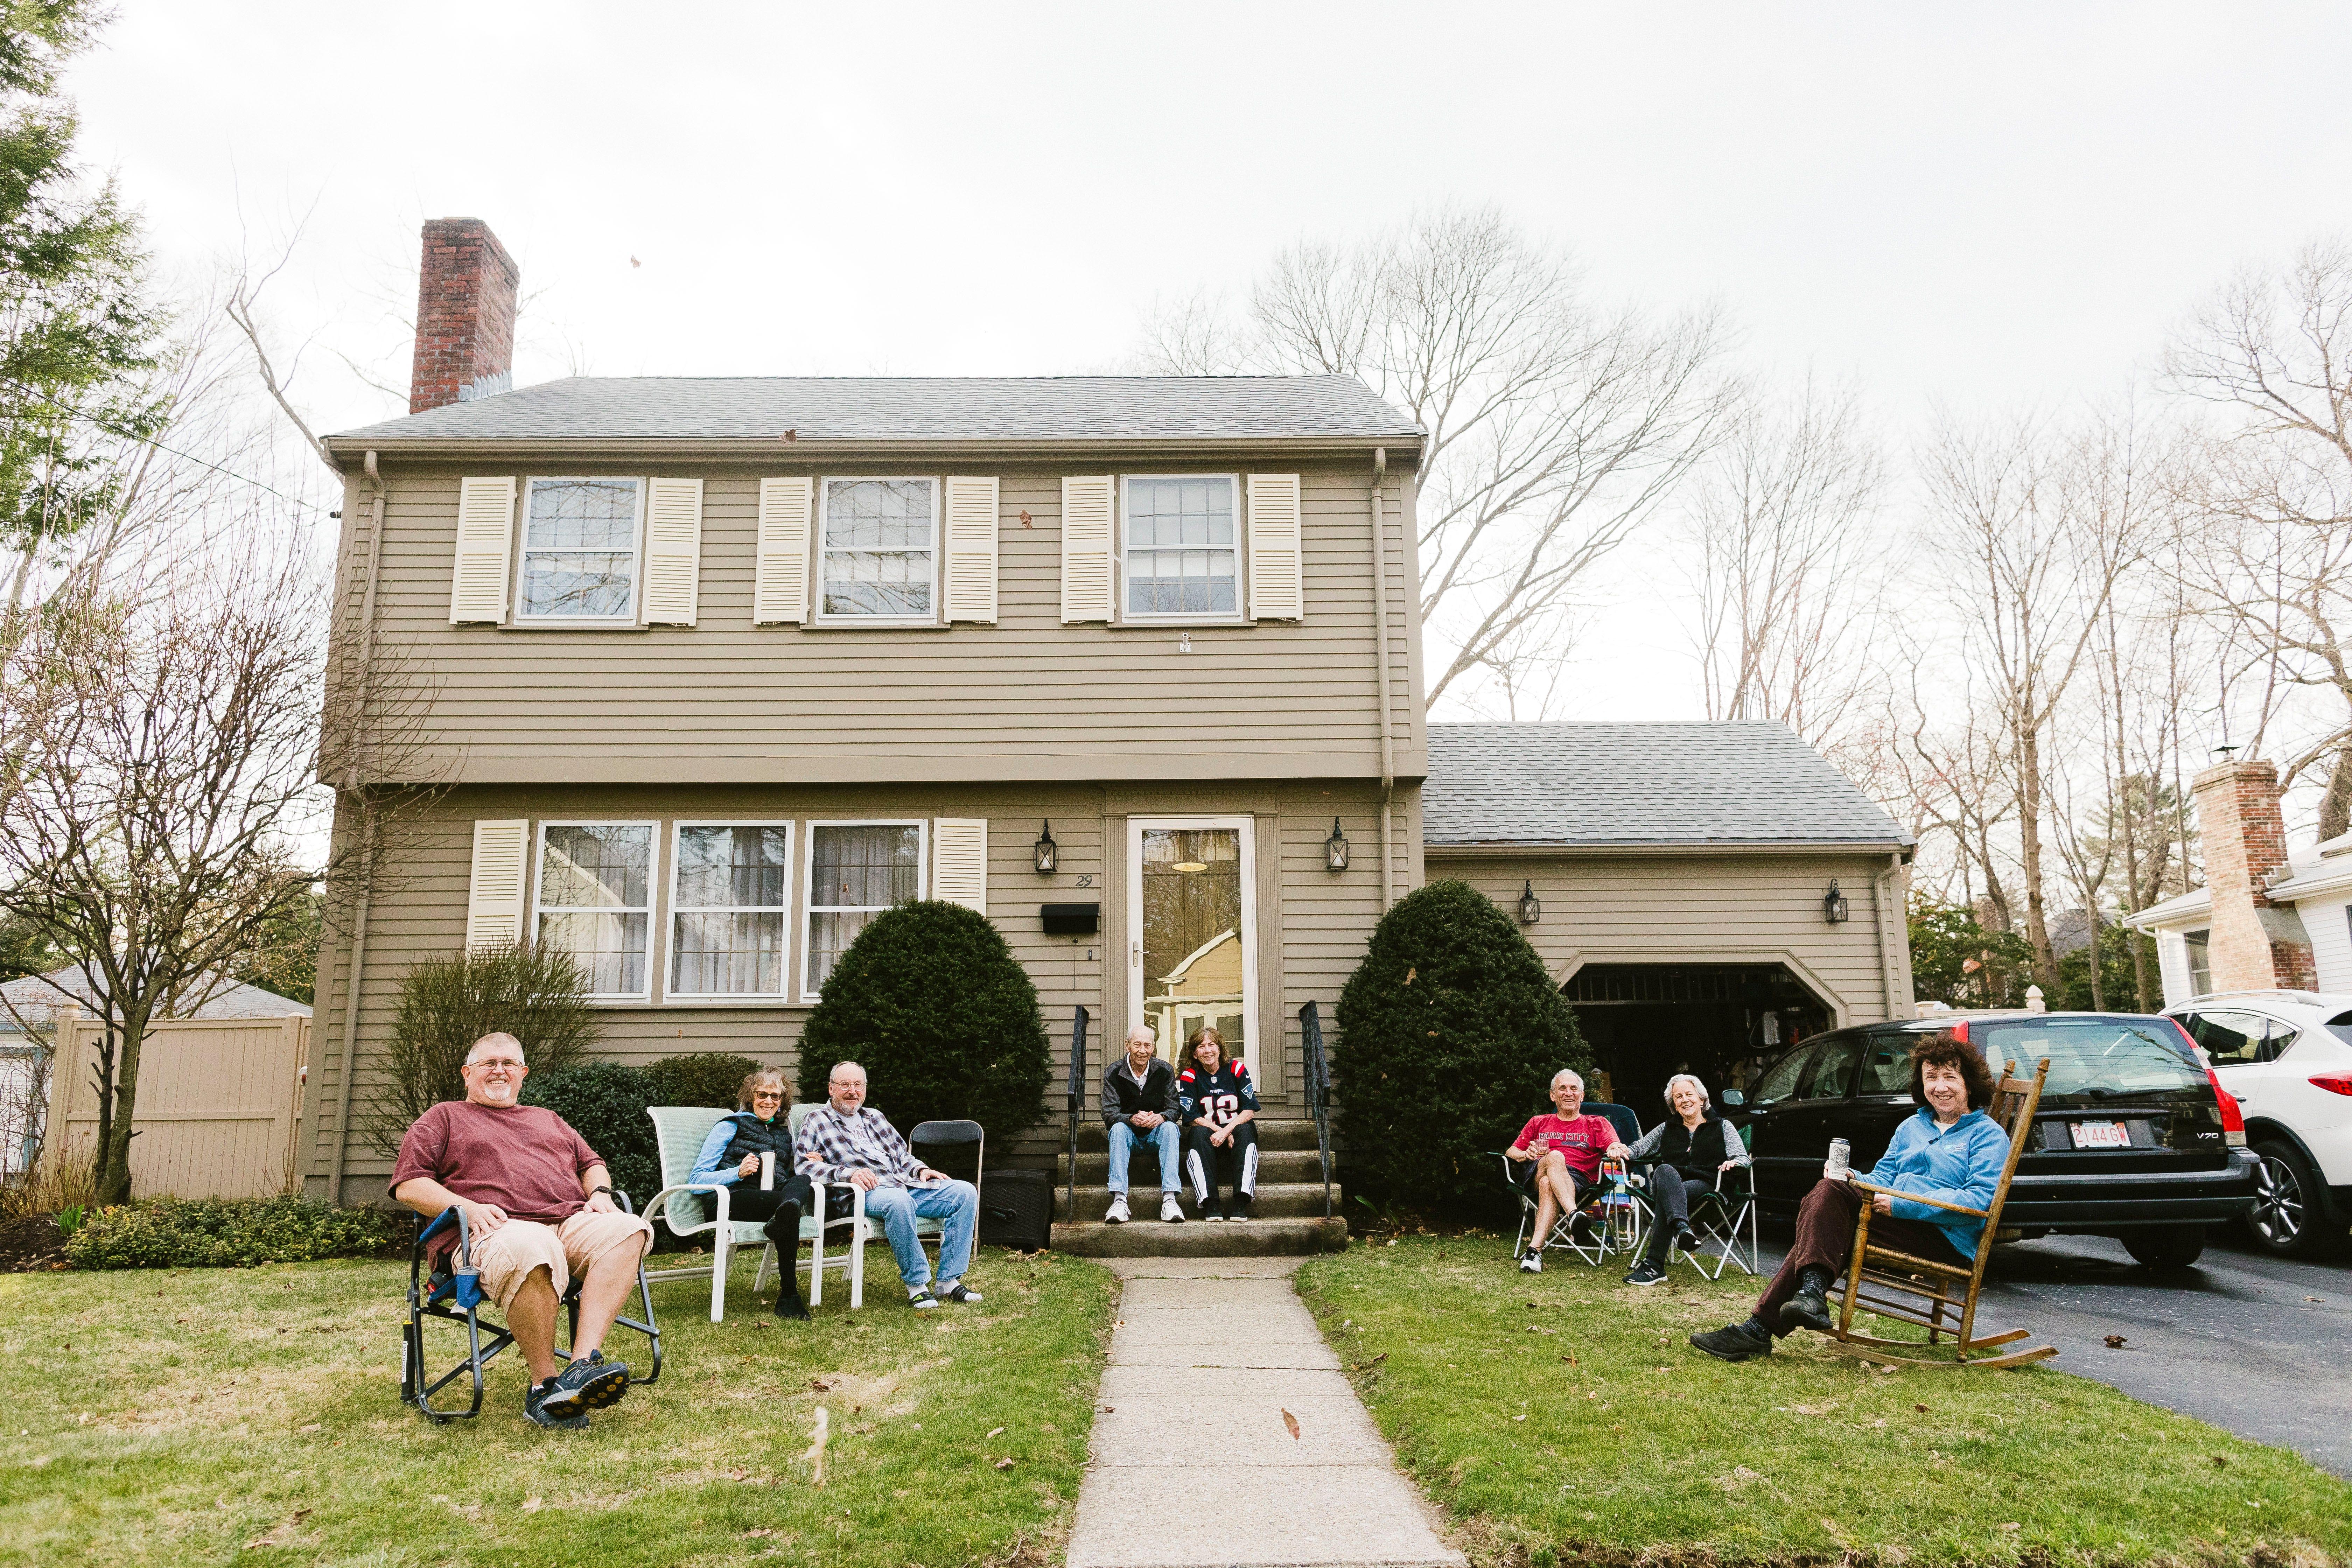 Residents of Greenwood Avenue, Needham, Mass.